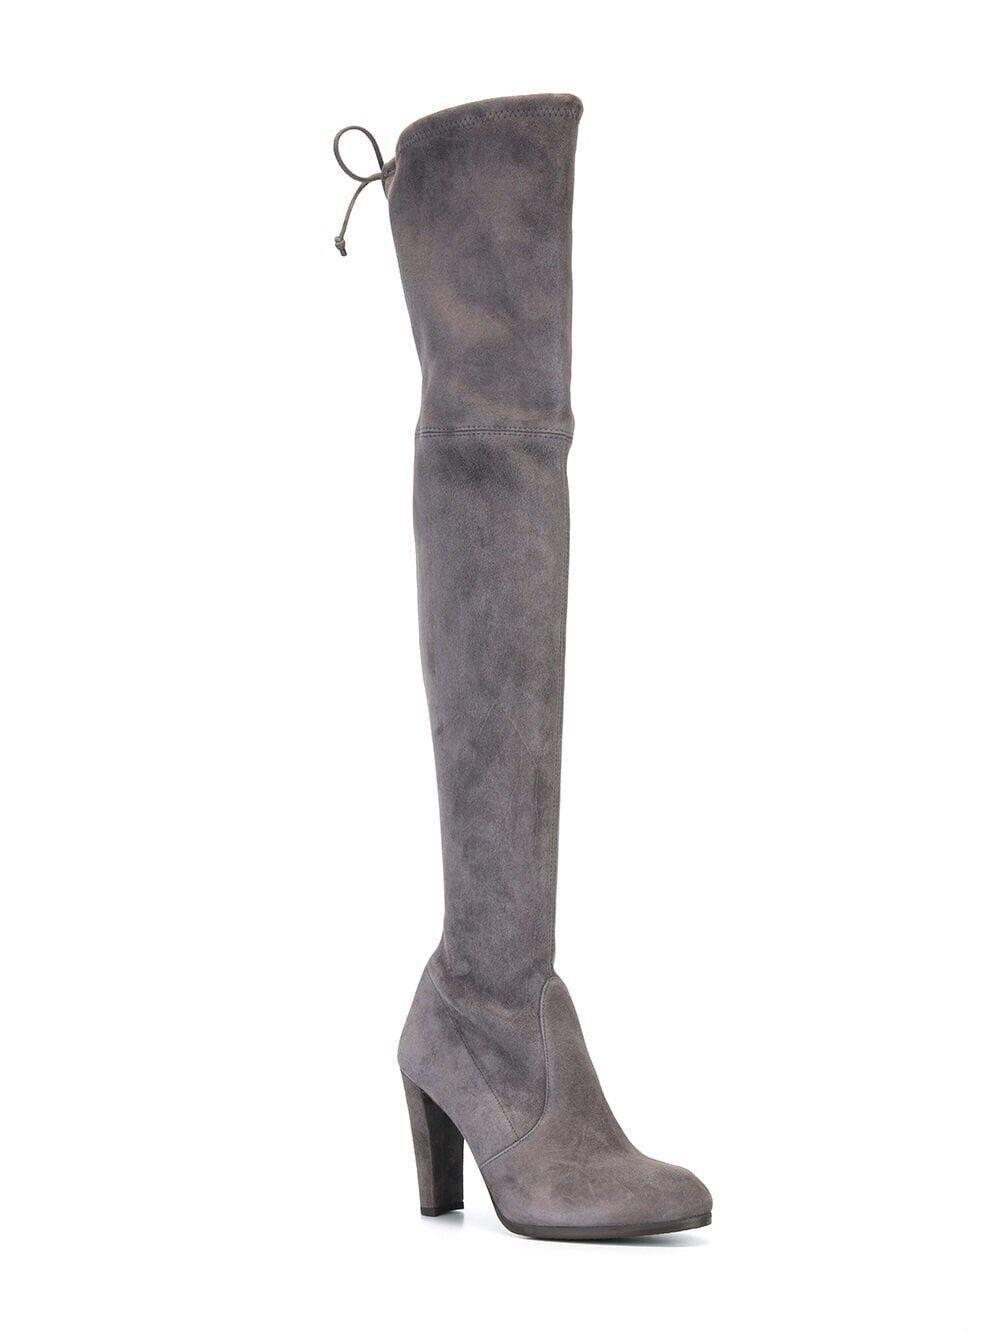 Nouveau Stuart Weitzman Highland gris daim Over-the-Knee Cravate Bottes Taille 9.5 798.00